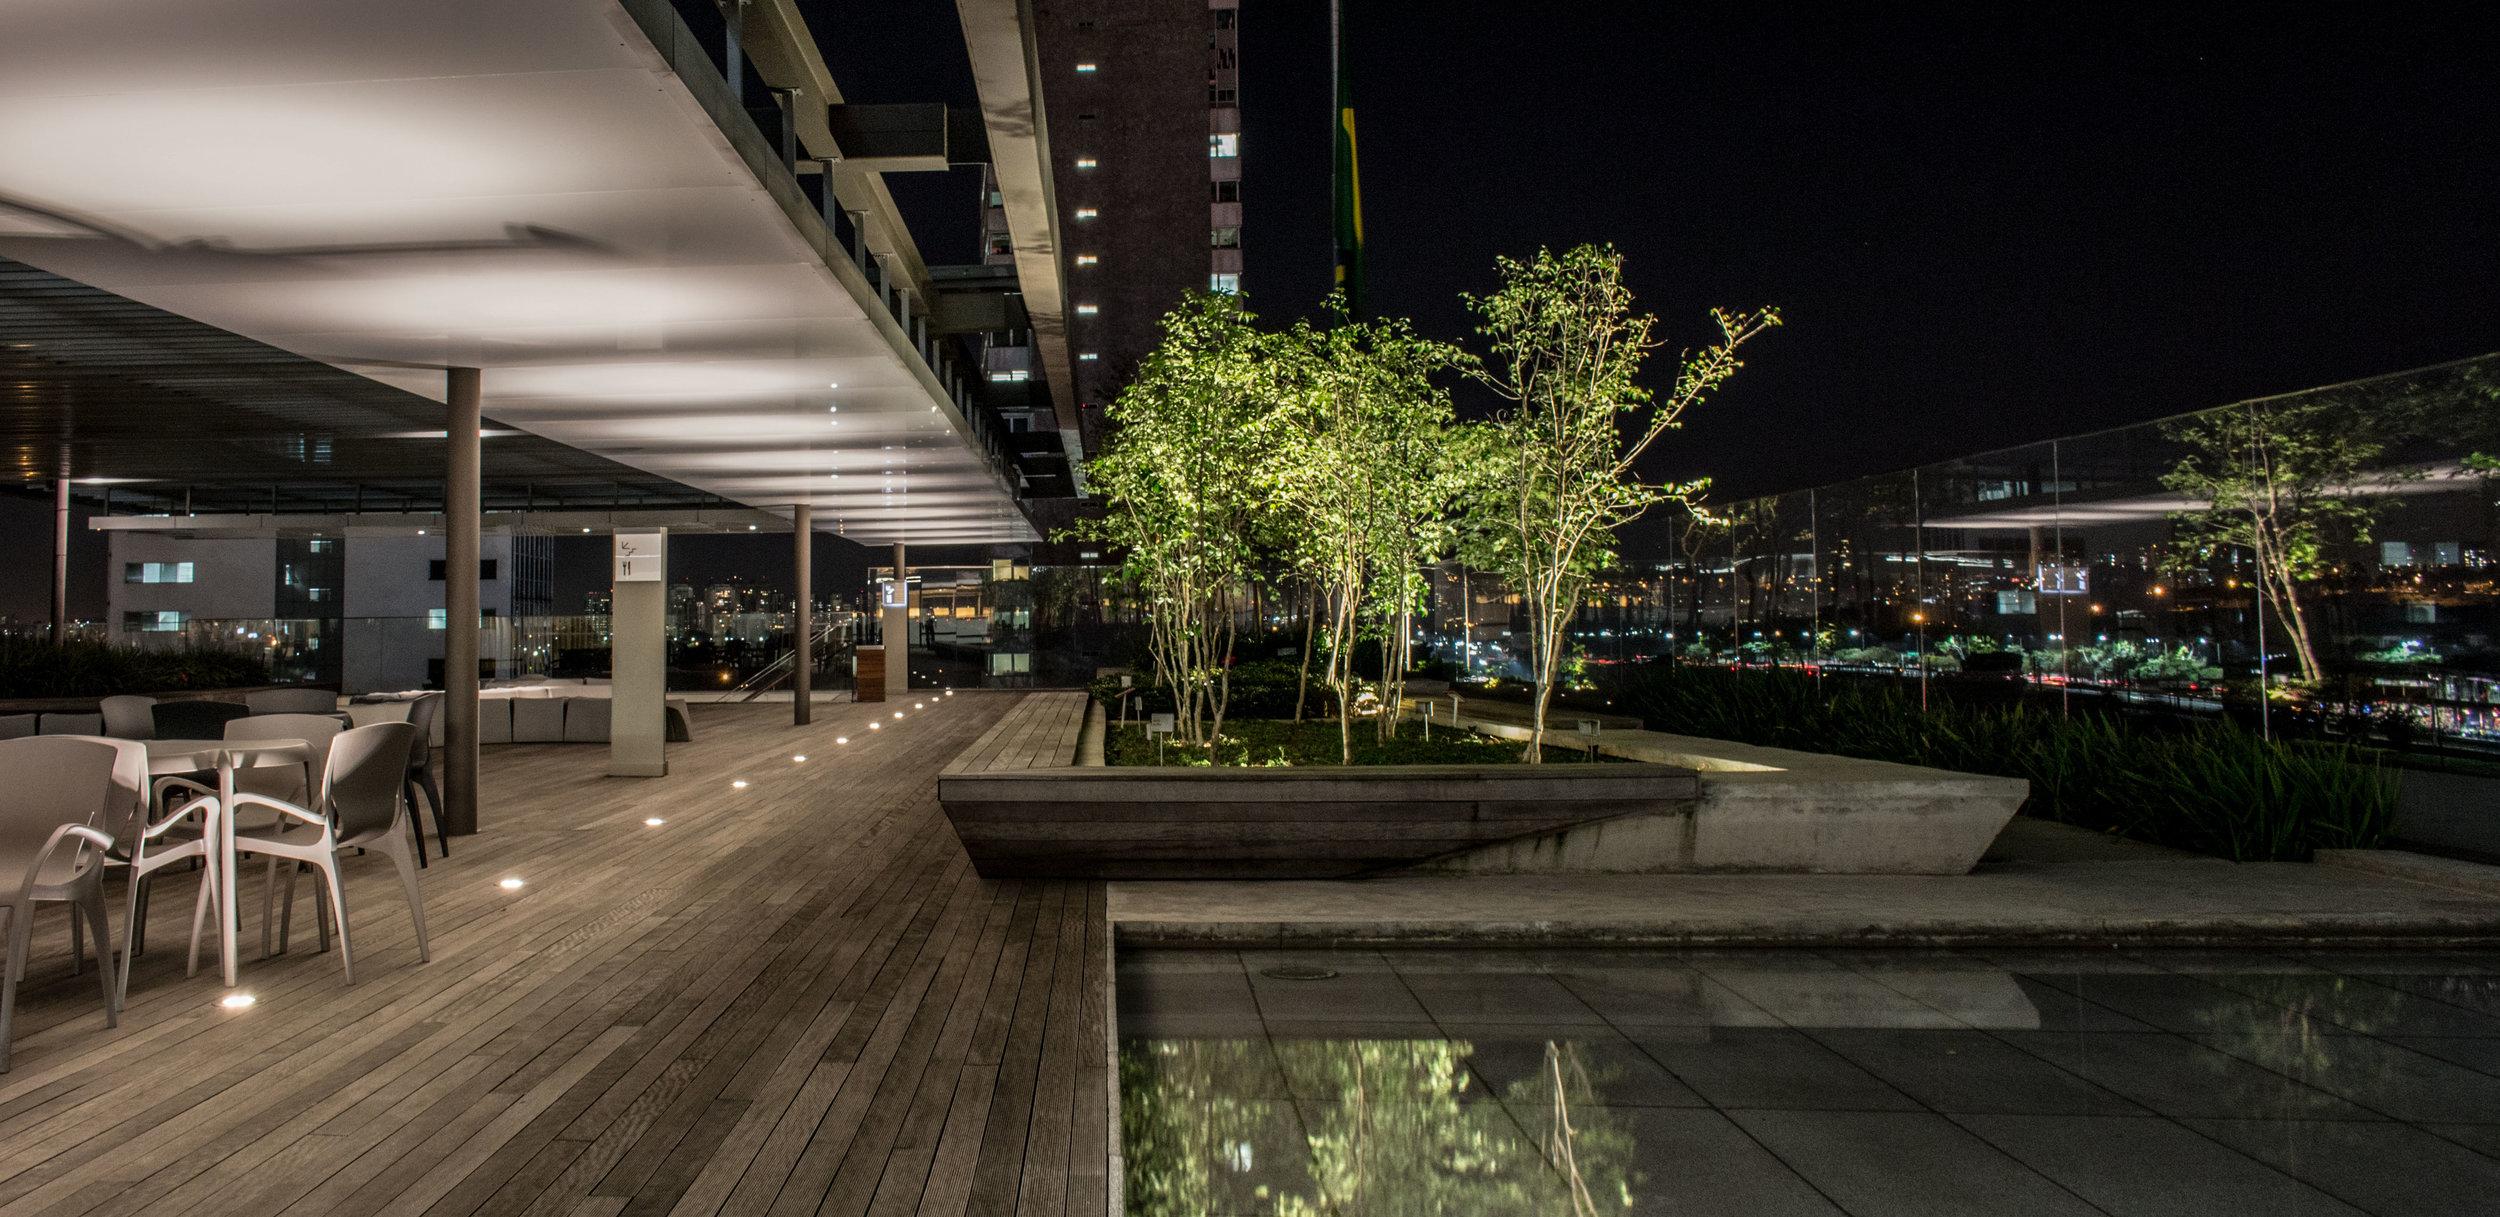 LIGHTSOURCE_Headquarters-Pinheiros_ Mingrone-iluminação_AflaloGasperini-Arquitetos _002.jpg